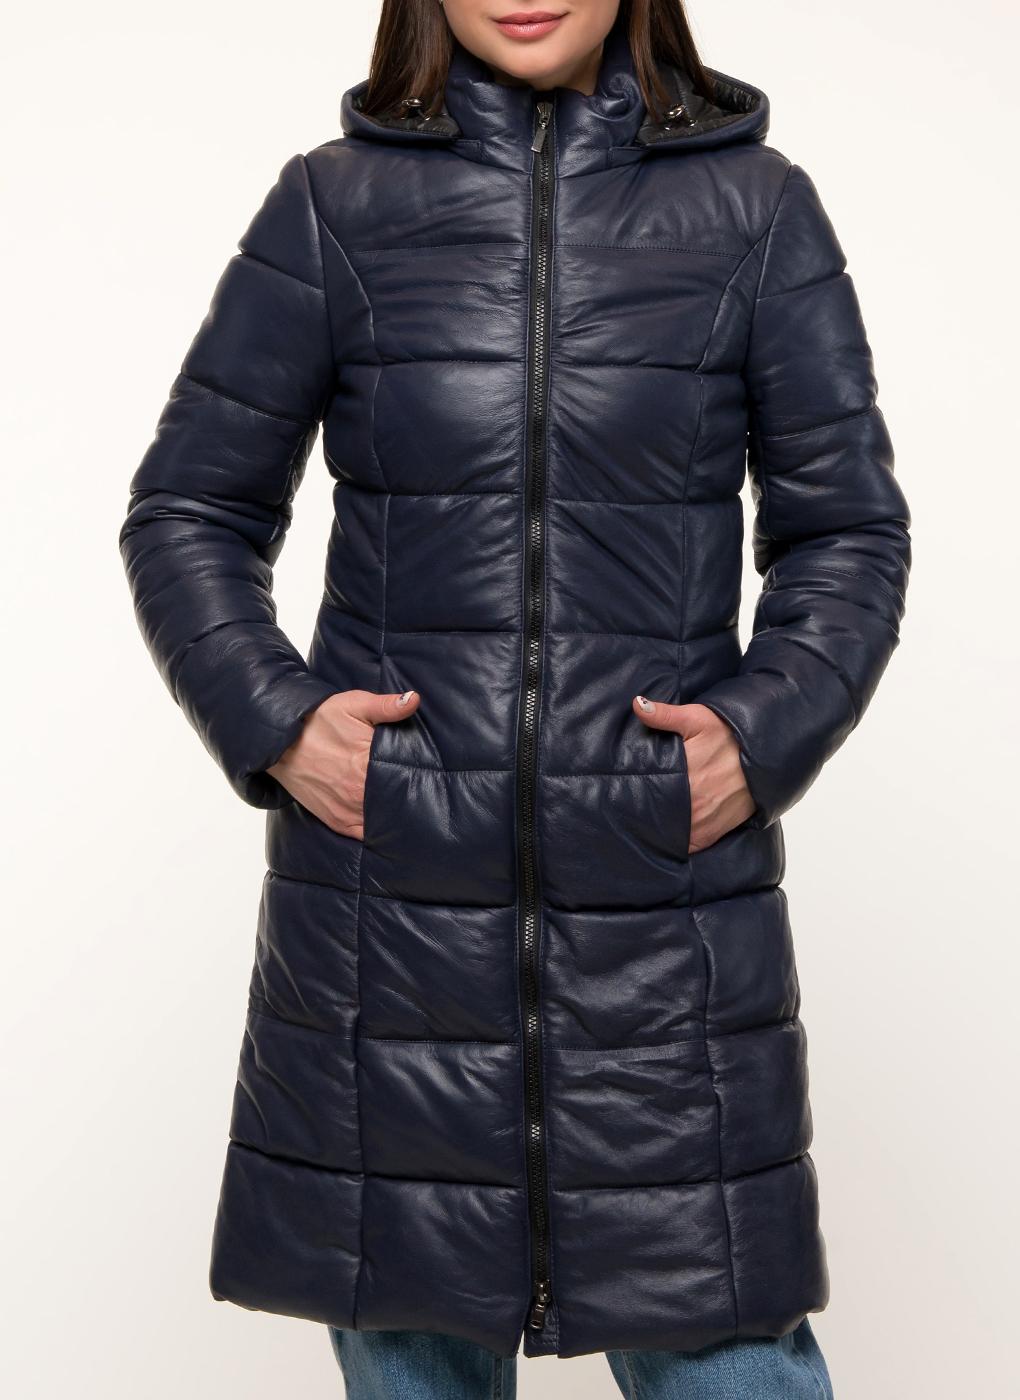 Кожаная куртка женская Каляев 156050 синяя 42